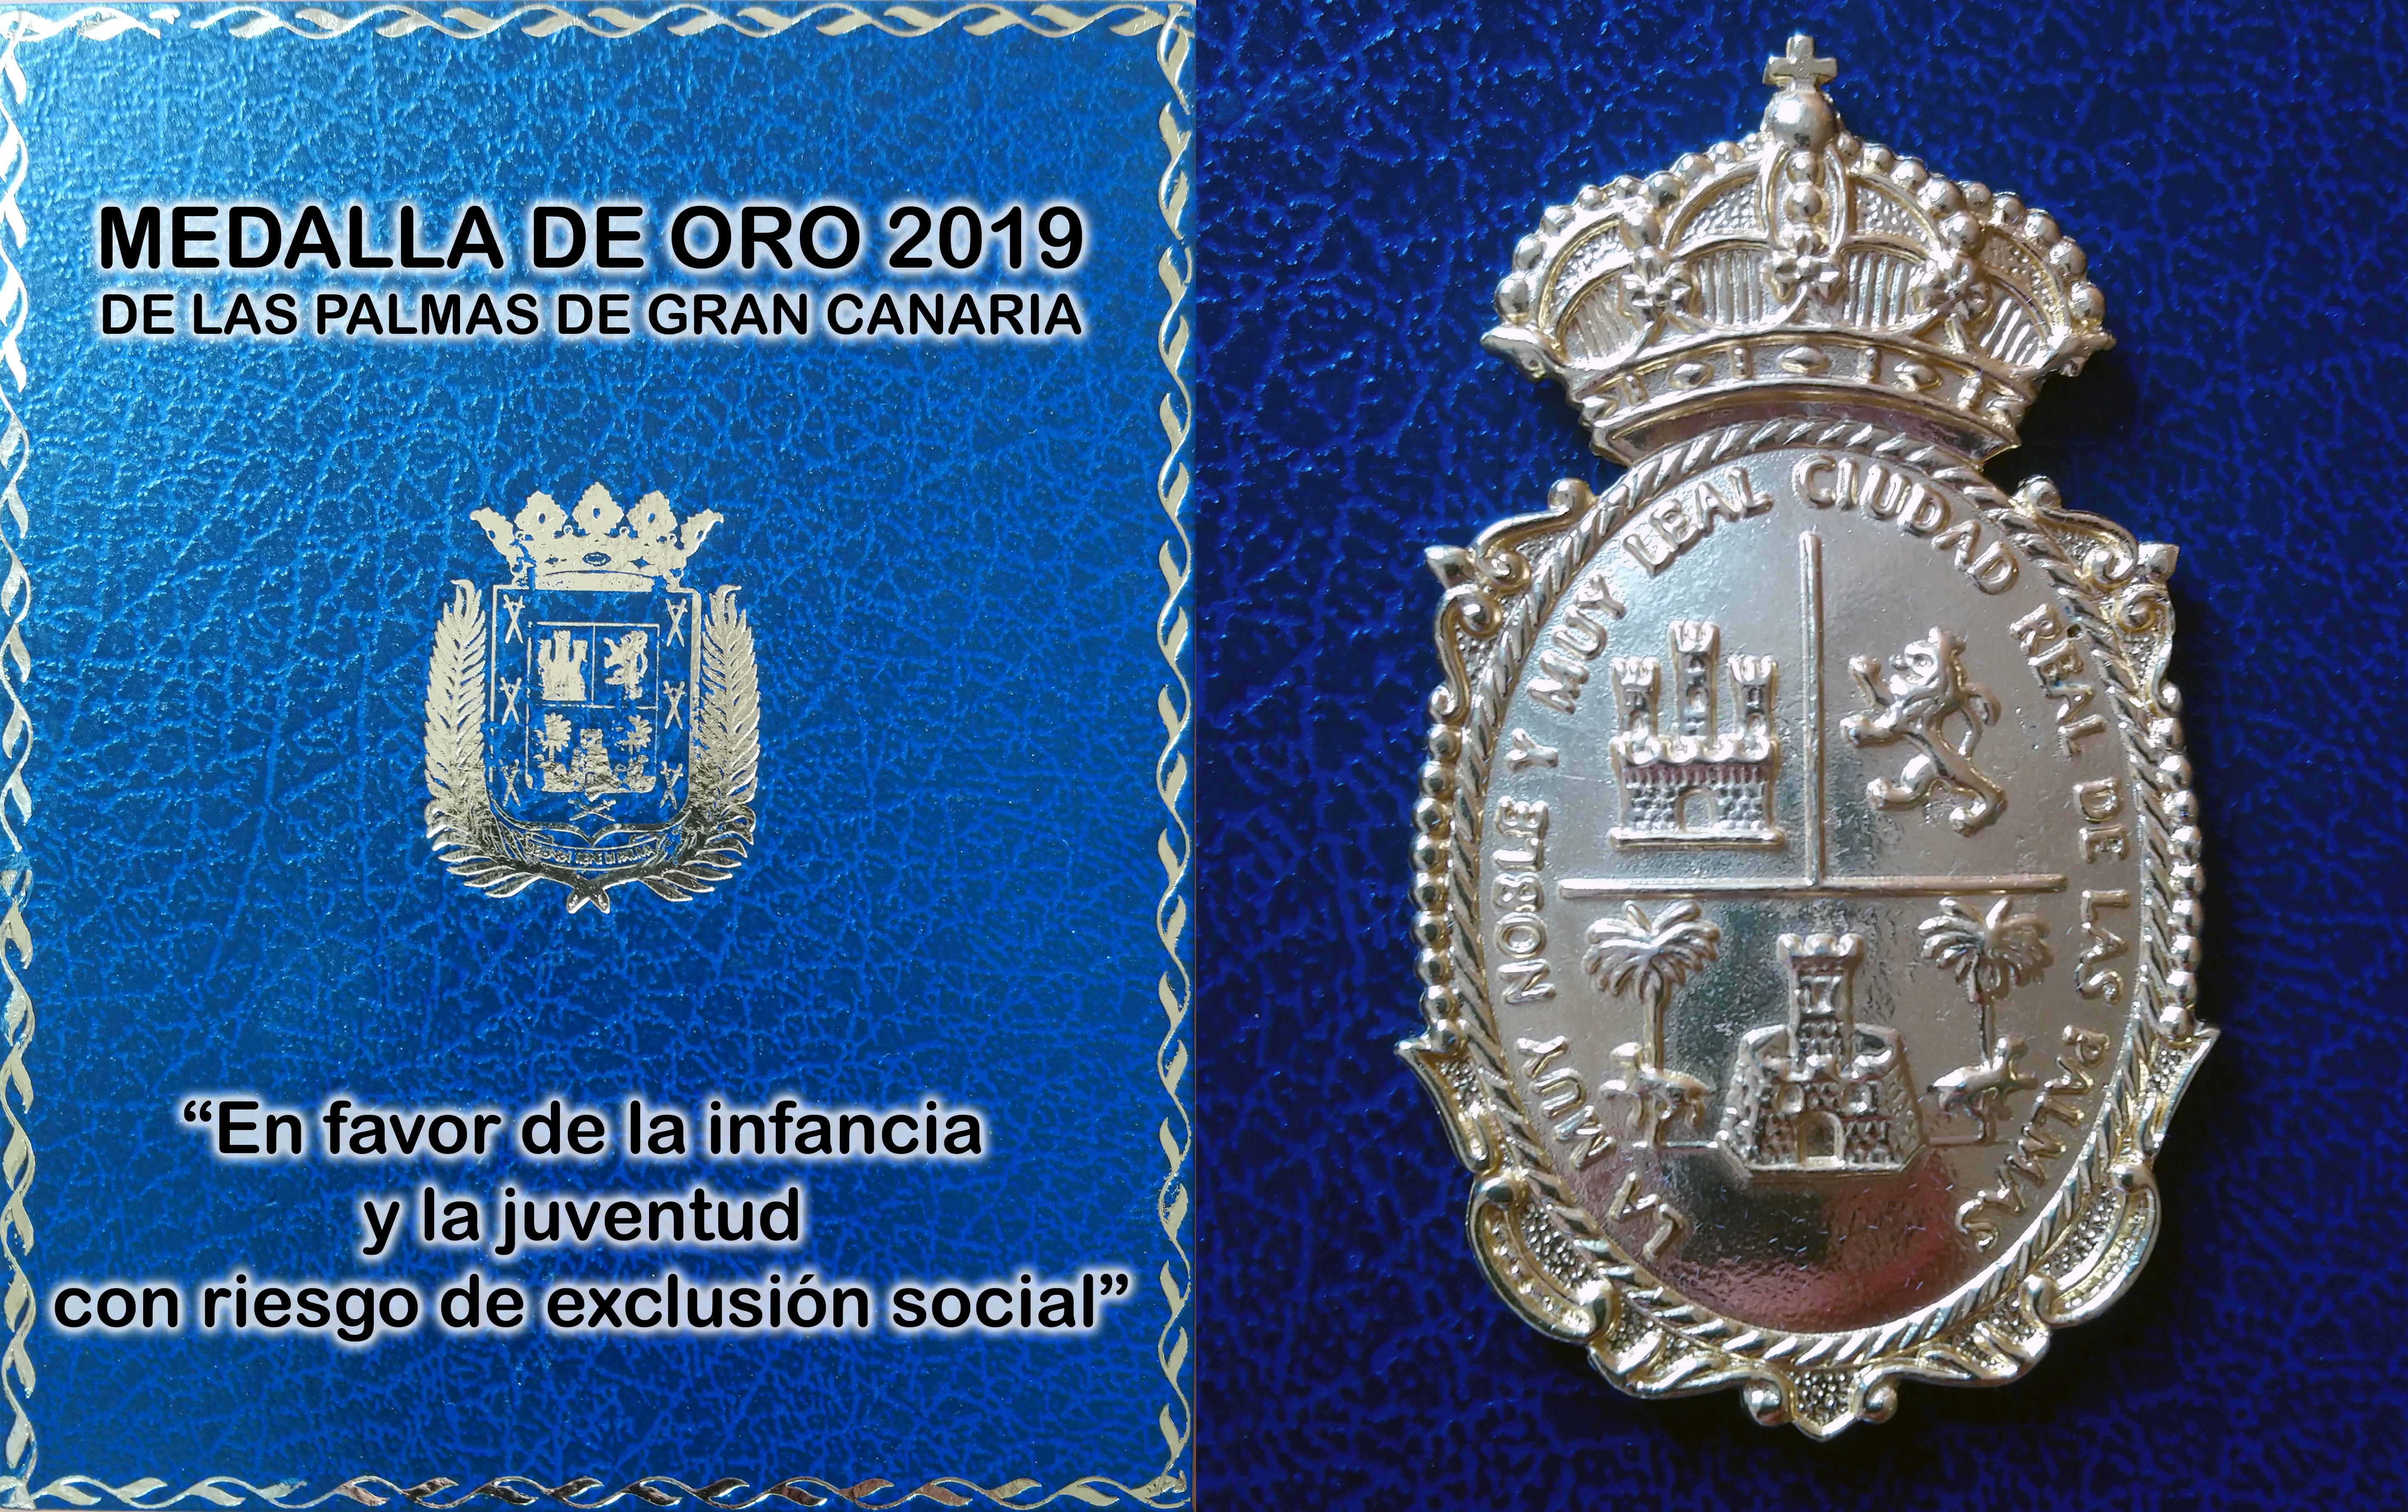 Medalla de Oro 2019 de Las Palmas de Gran Canaria